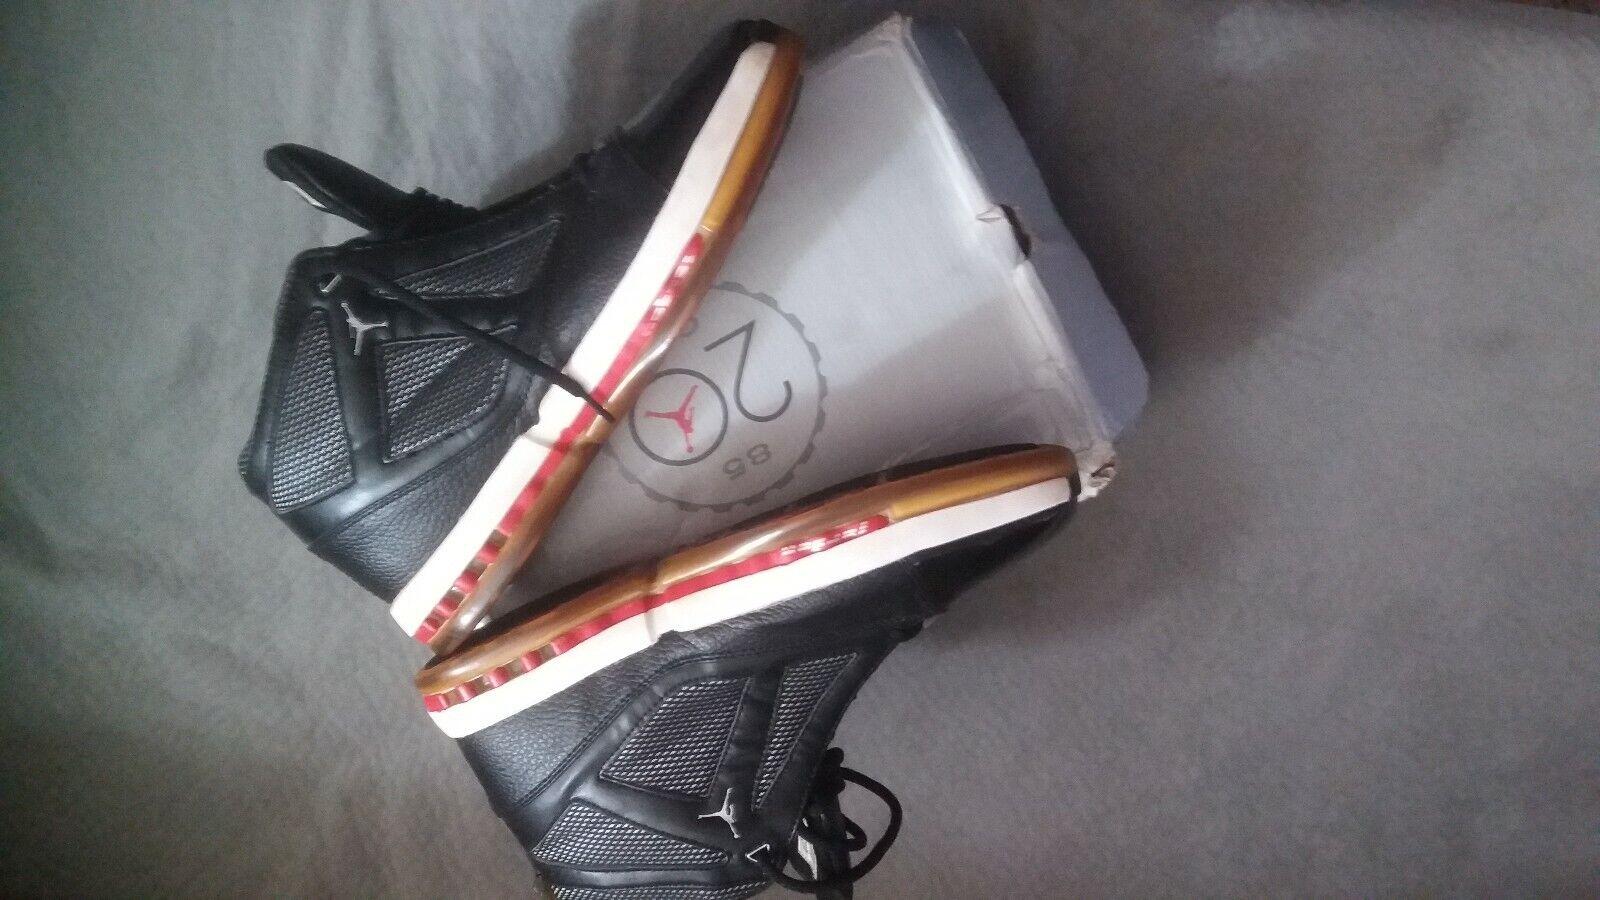 Air Jordan 16 sz 12 black and red